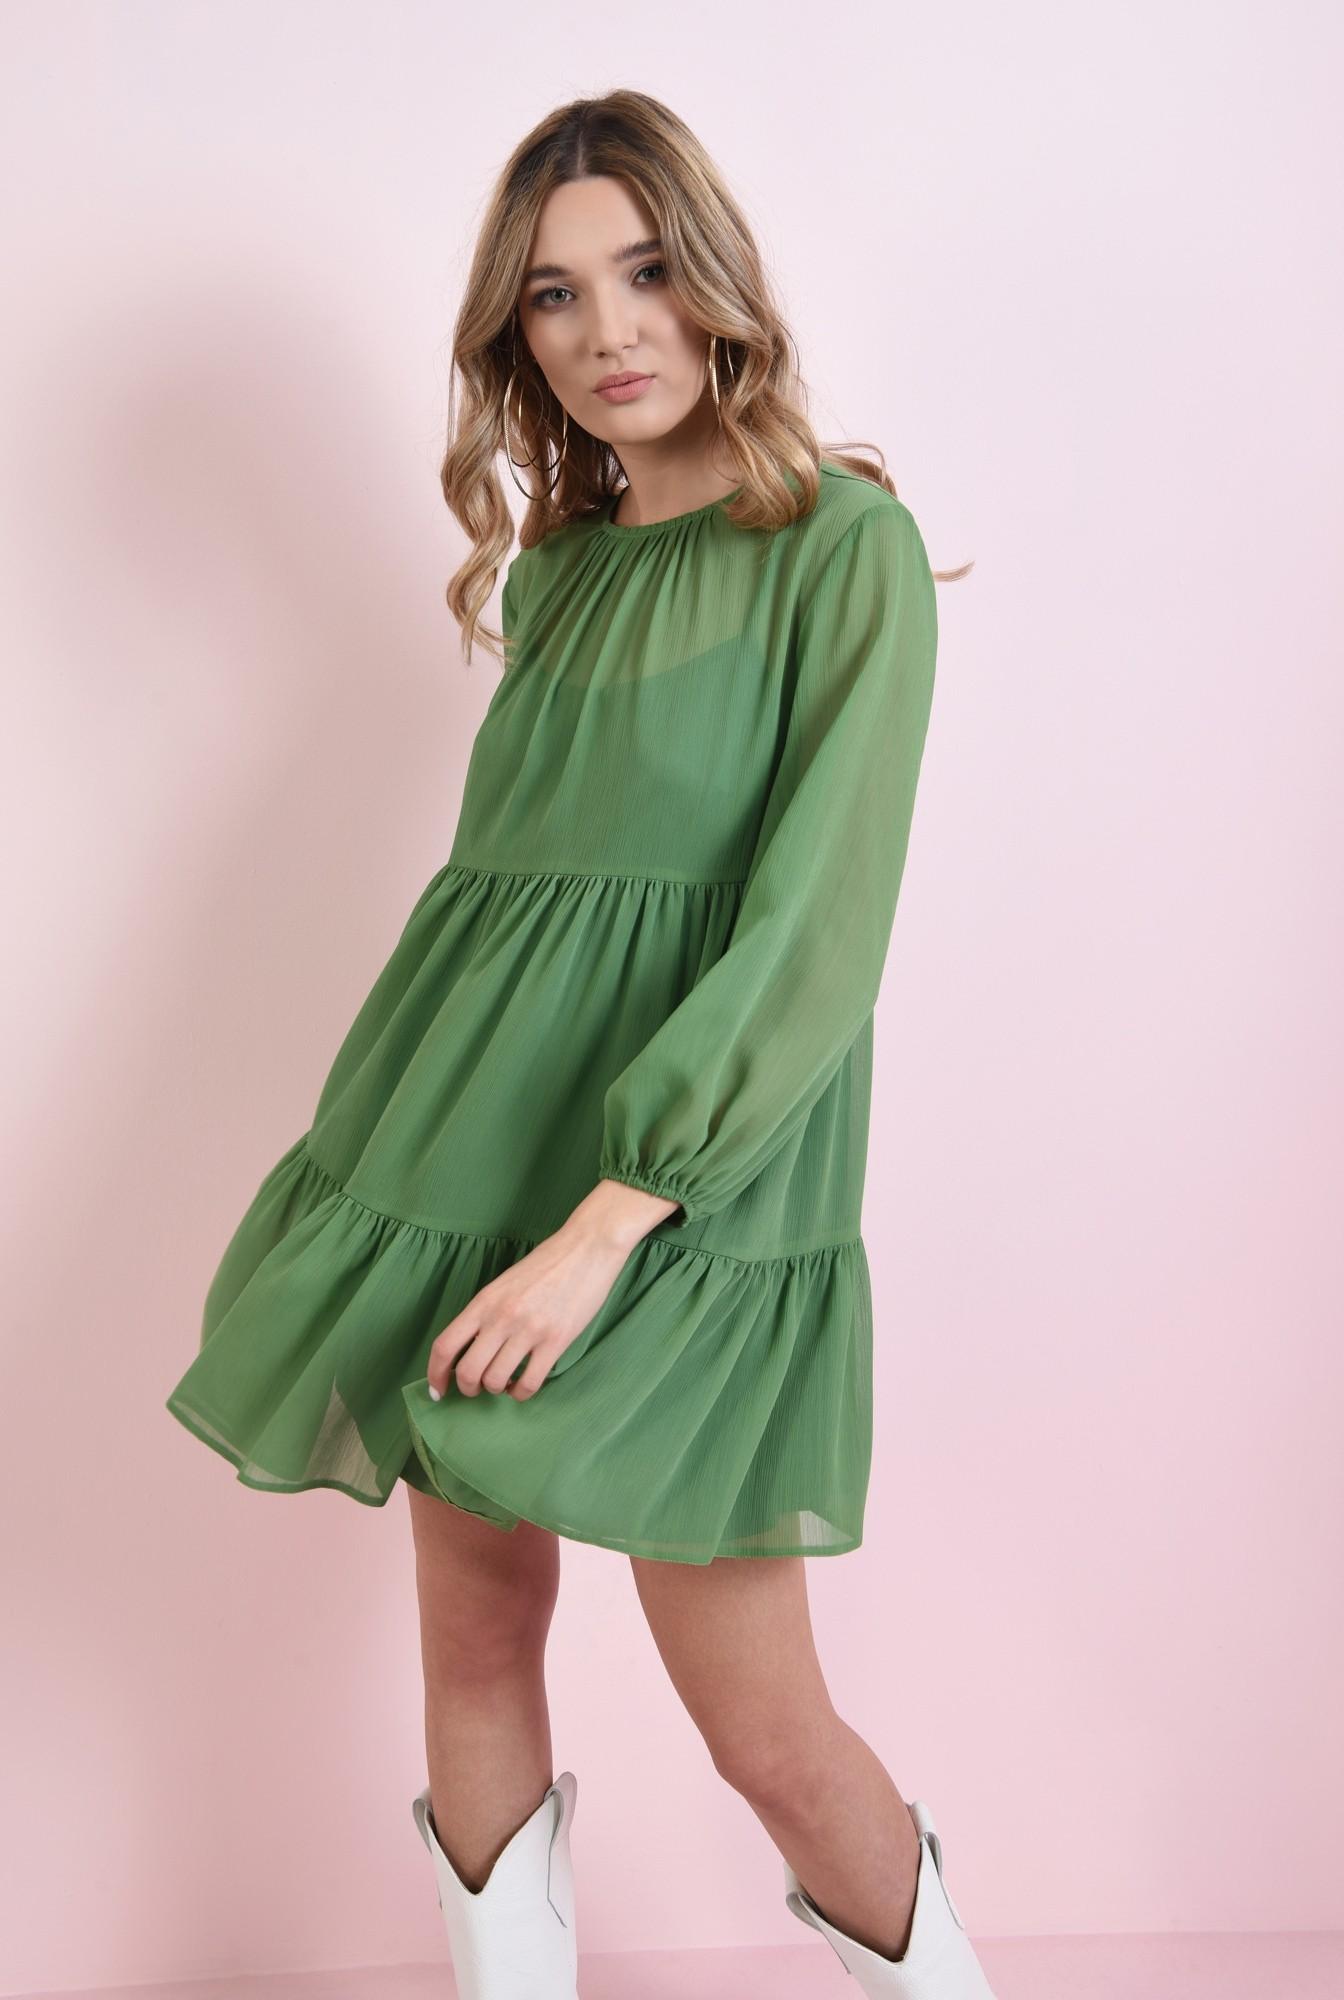 0 - rochie scurta, verde, cu volan, Poema